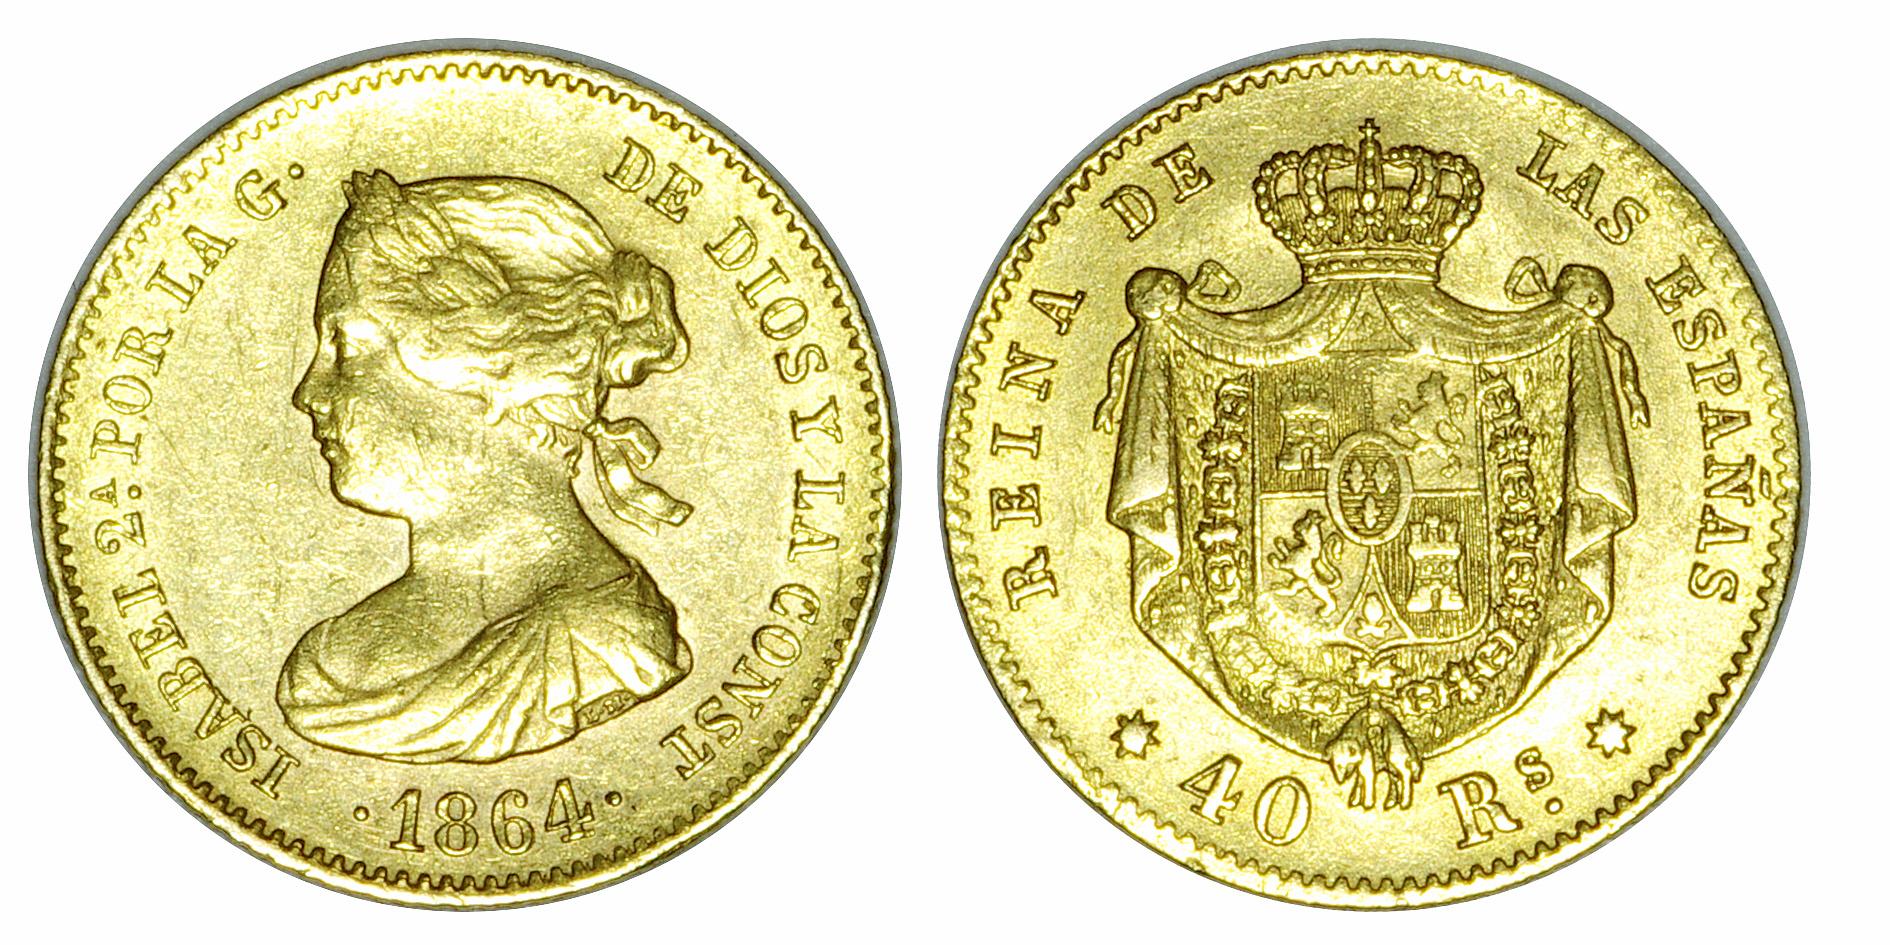 40 Reales 1864 Sevilla